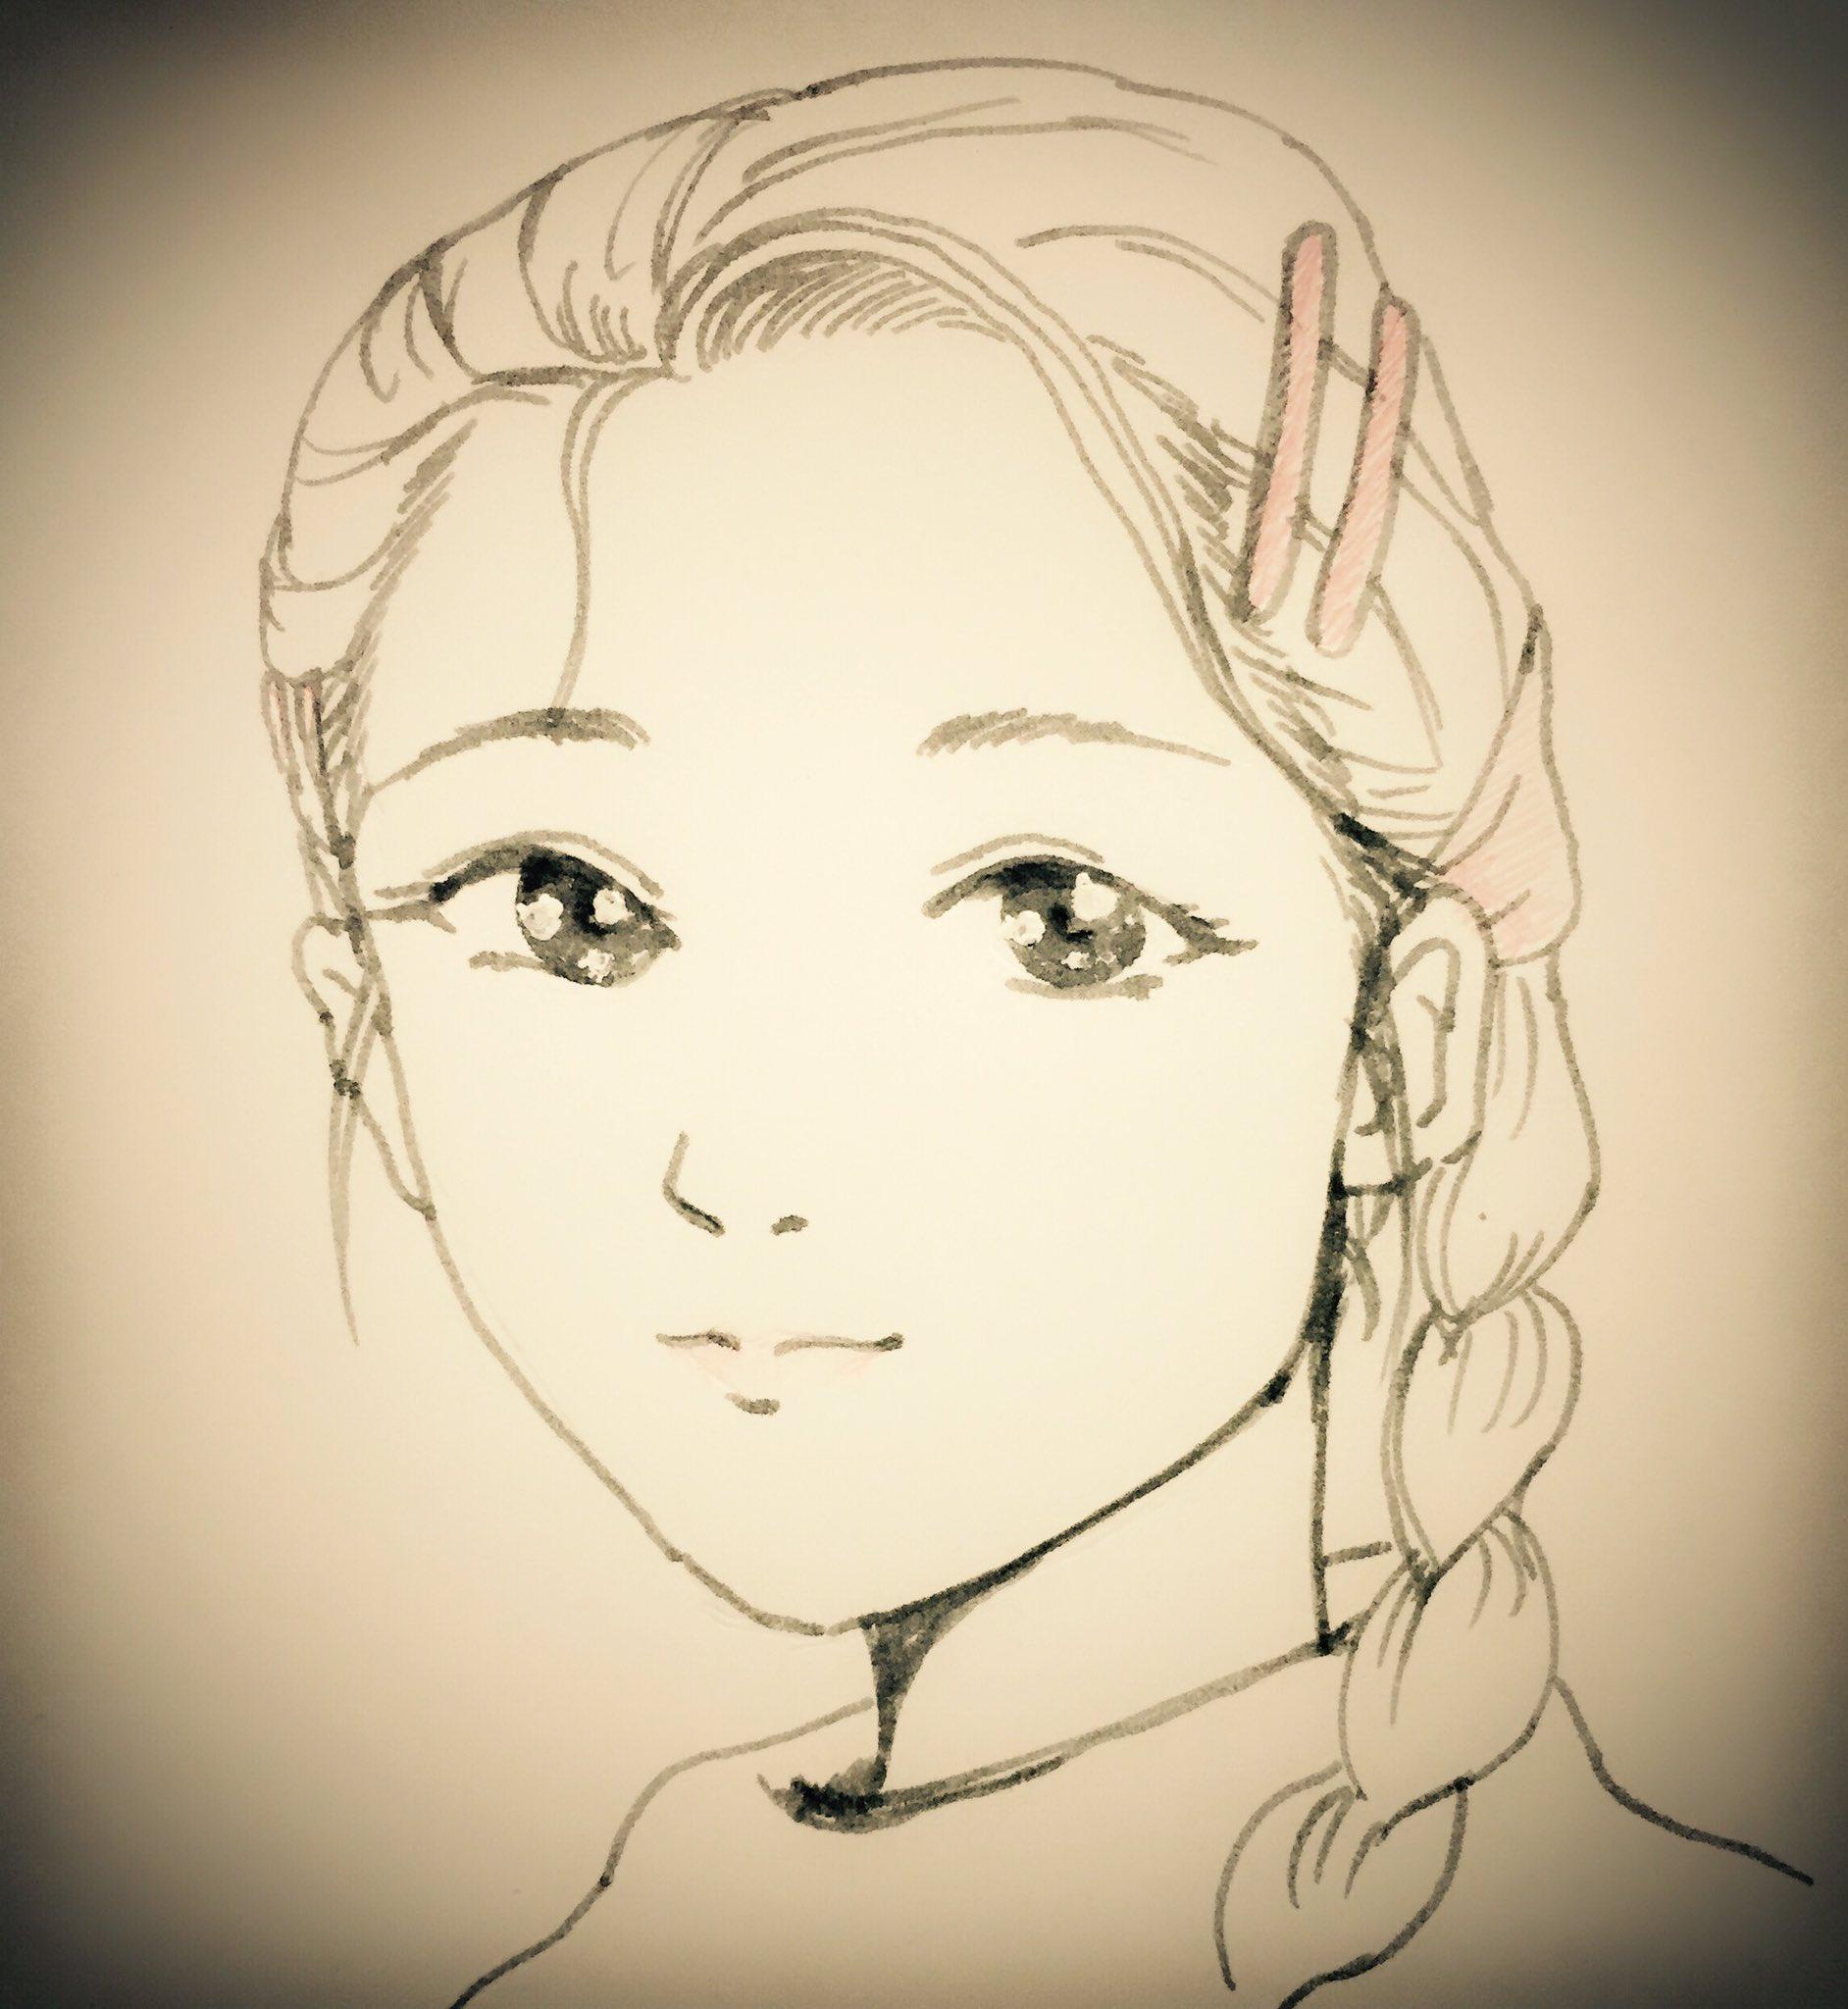 しんぽん@晋凡堂 (@SHIN_YANAI)さんのイラスト